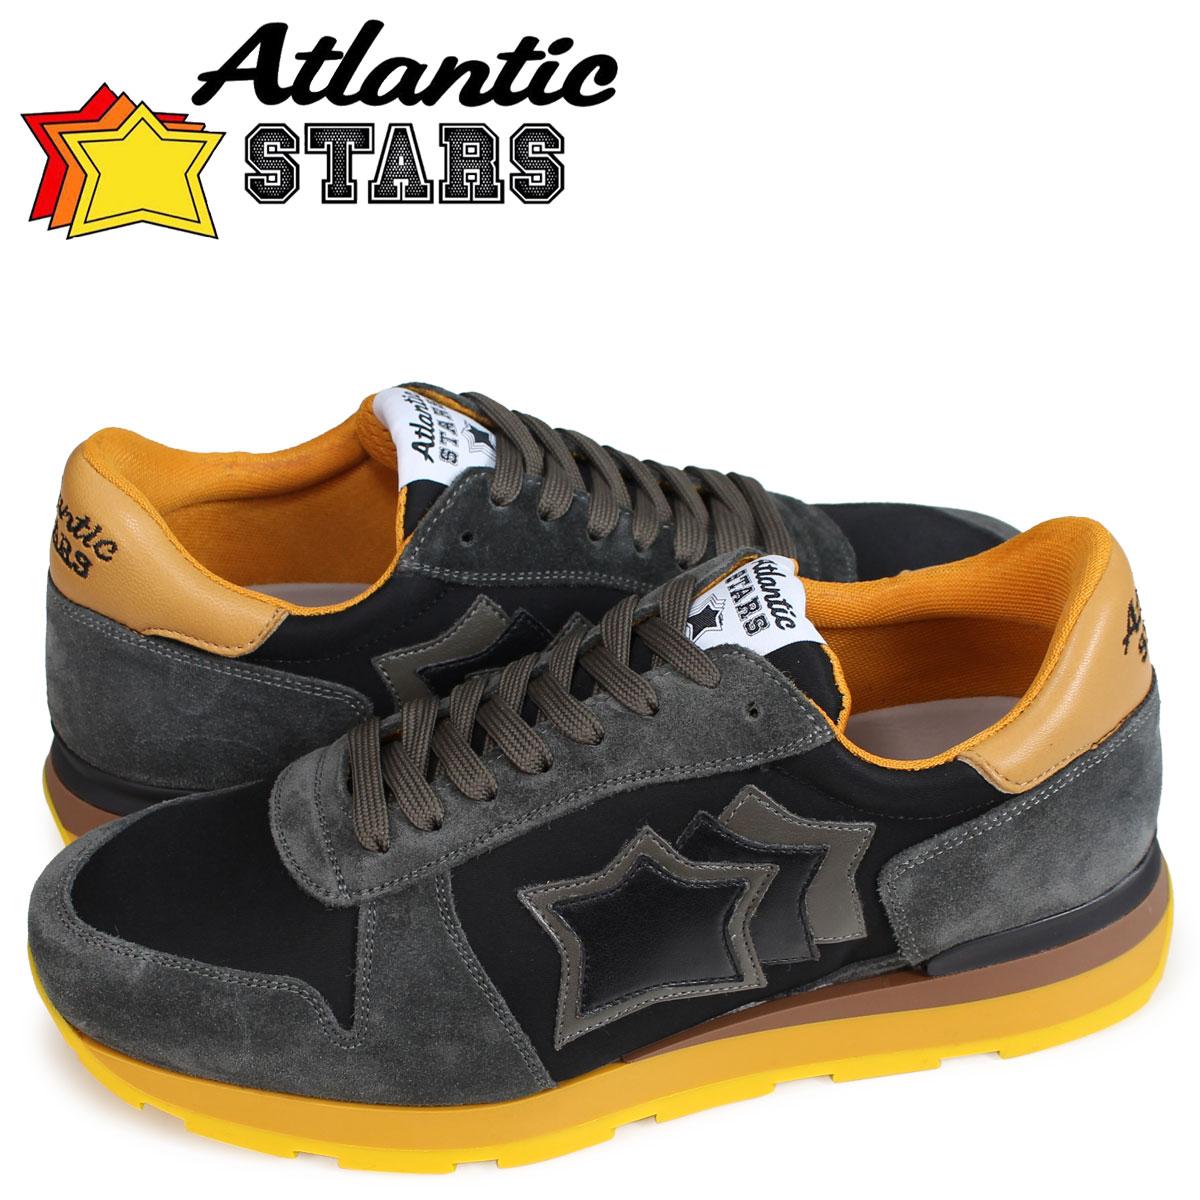 アトランティックスターズ メンズ スニーカー Atlantic STARS シリウス SIRIUS NAA-05N ブラウン [10/17 新入荷]